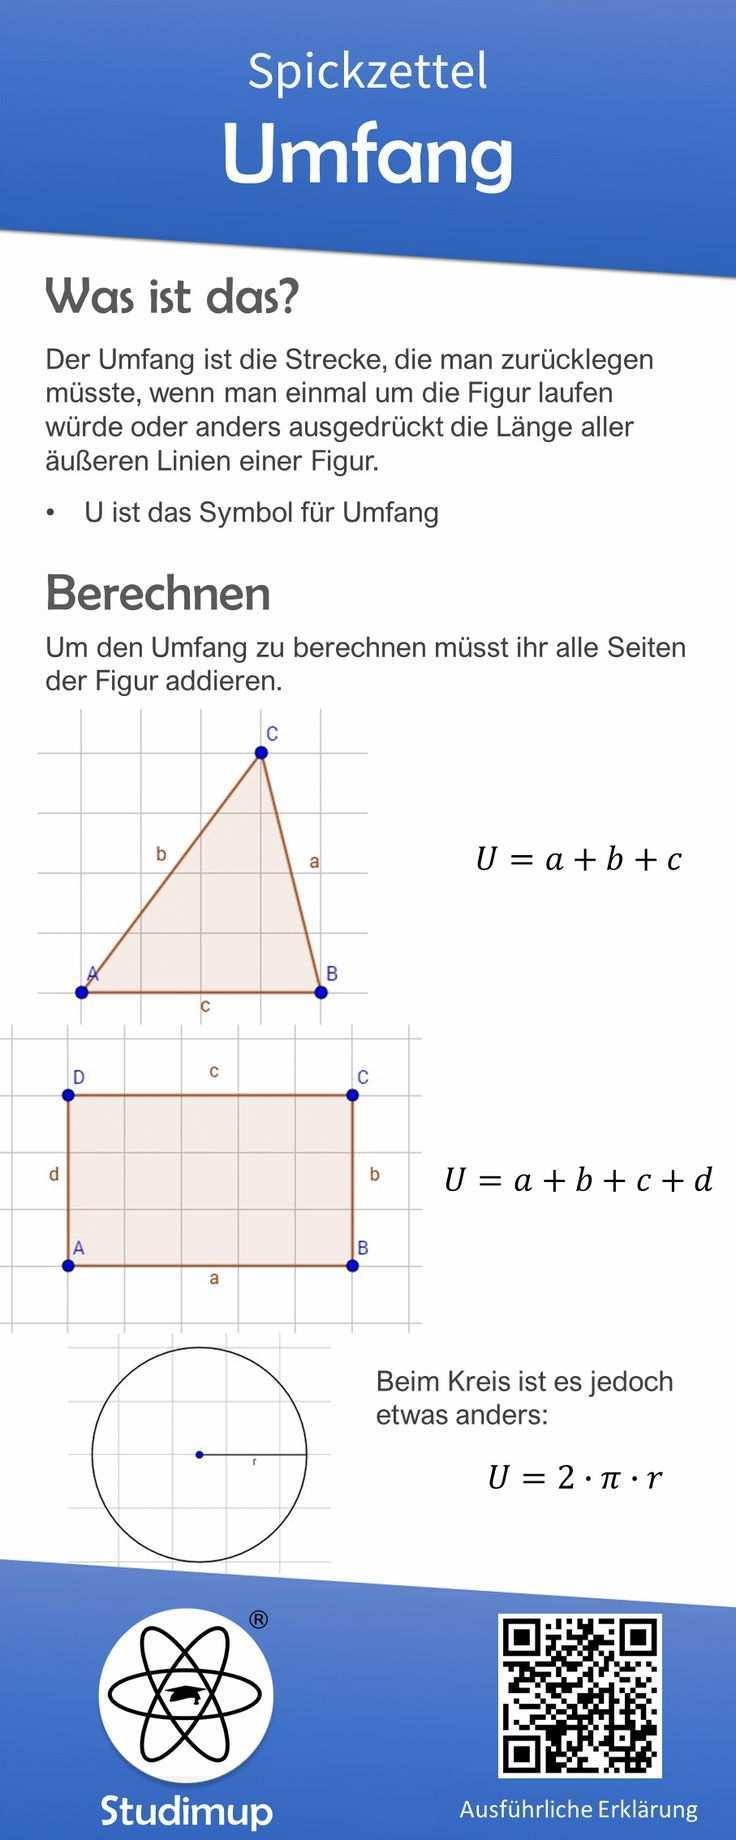 Mathe Spickzettel Zum Thema Umfang Mit Erklarung Und Formeln Fur Dreieck Quadrat Und Kreis Weitere Erklarungen In 2020 Math Cheat Sheet Scholarships For College Math